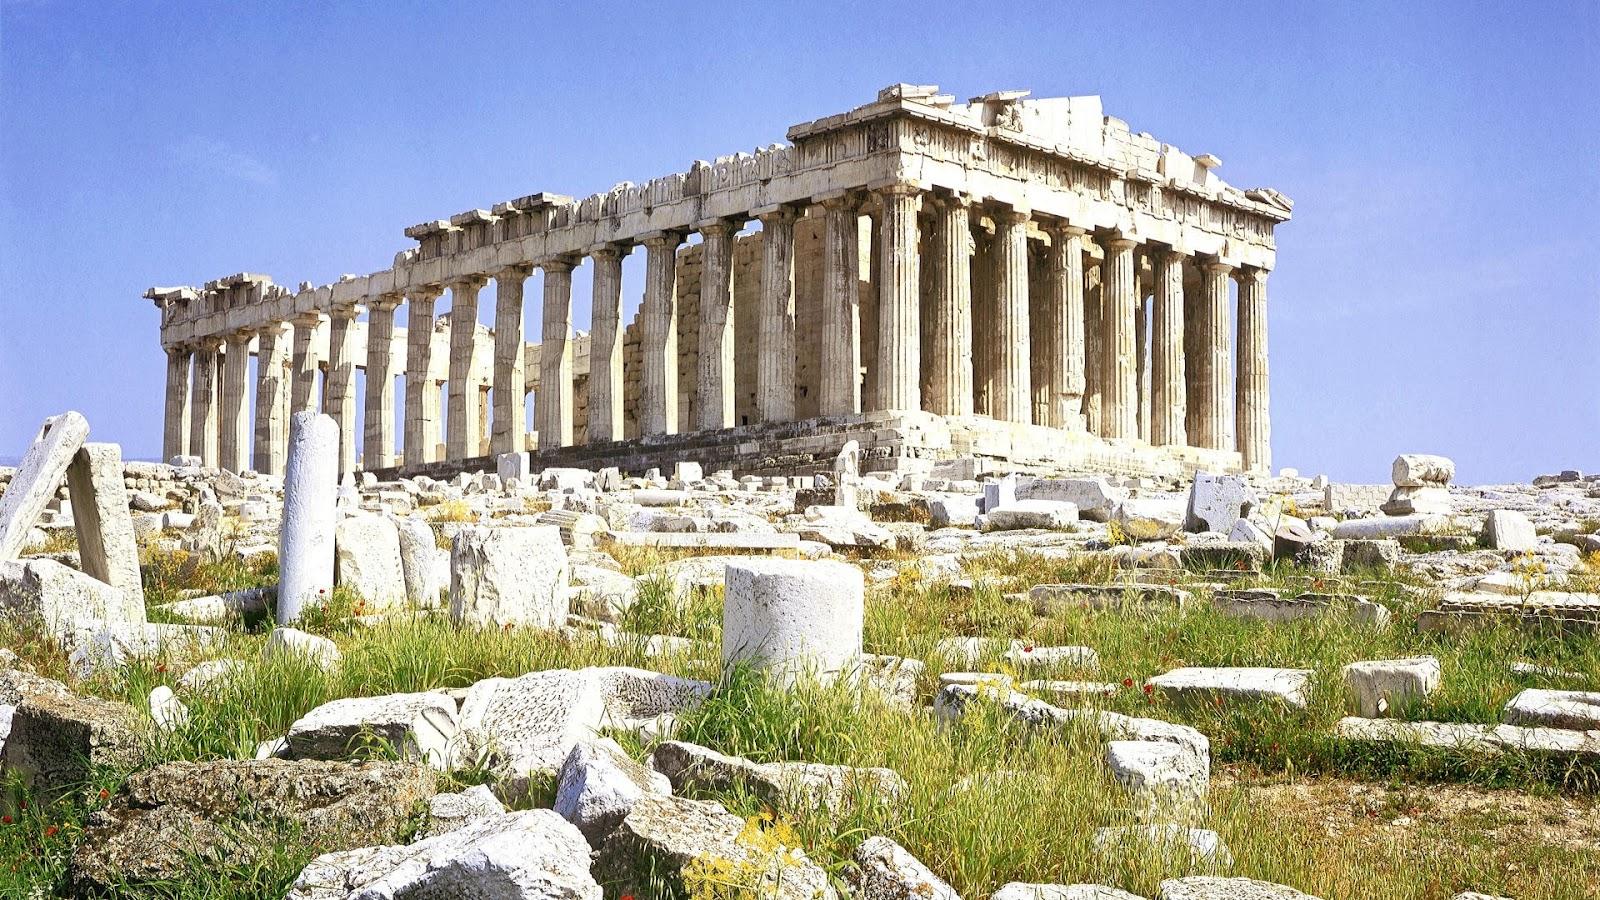 The Parthenon - A temple on the Athenian Acropolis ...